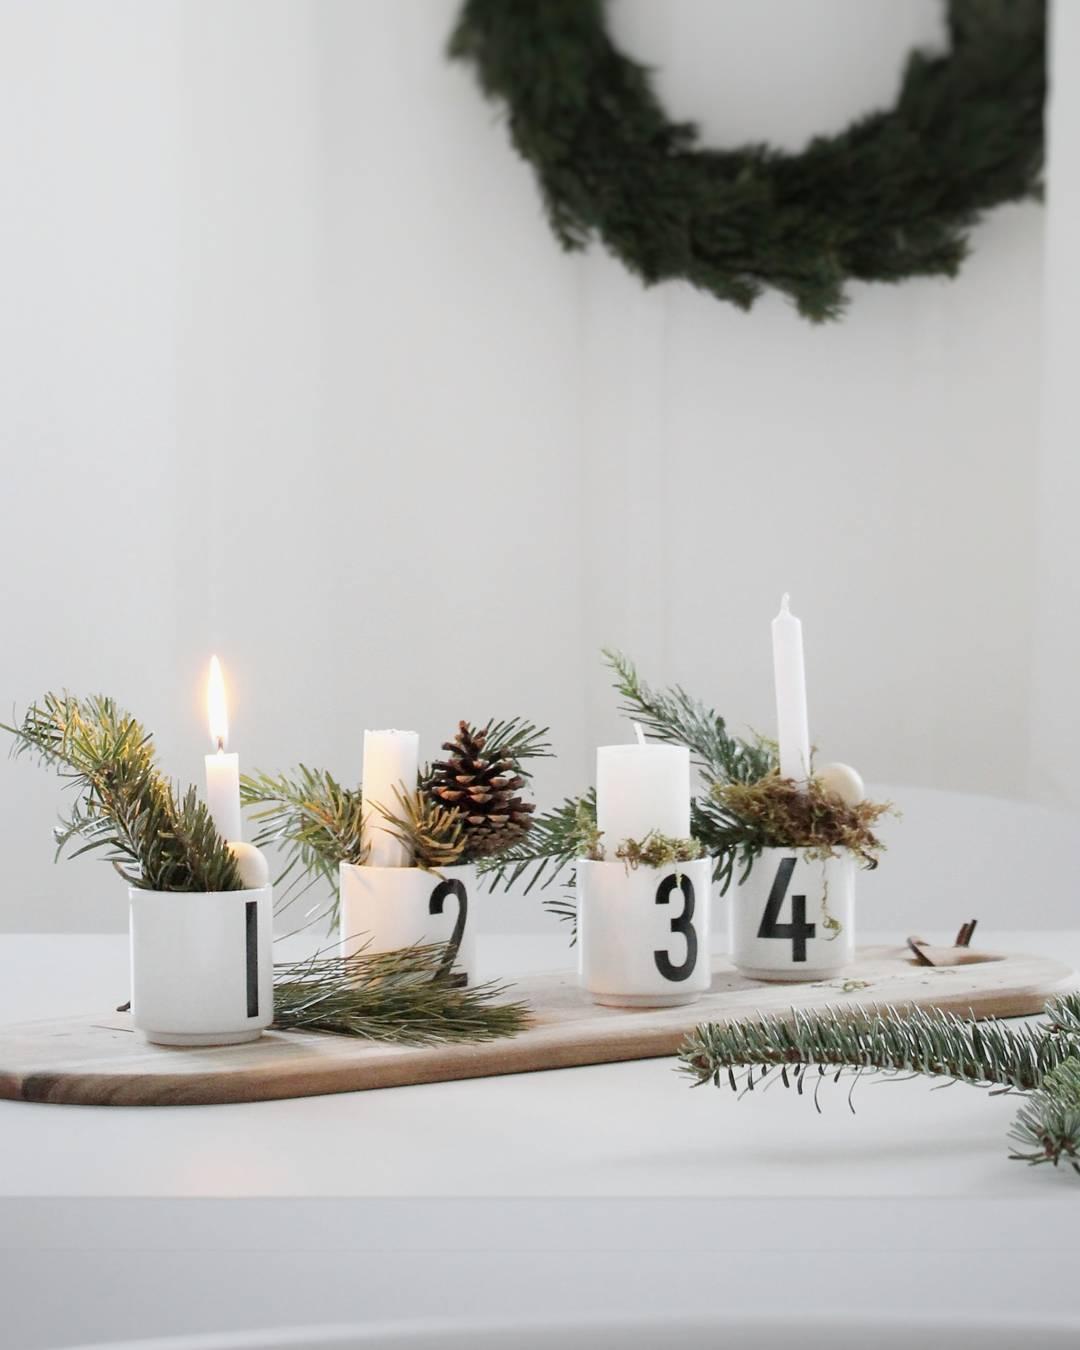 Weihnachtsdeko bilder ideen couchstyle - Weihnachtsdeko skandinavisch ...